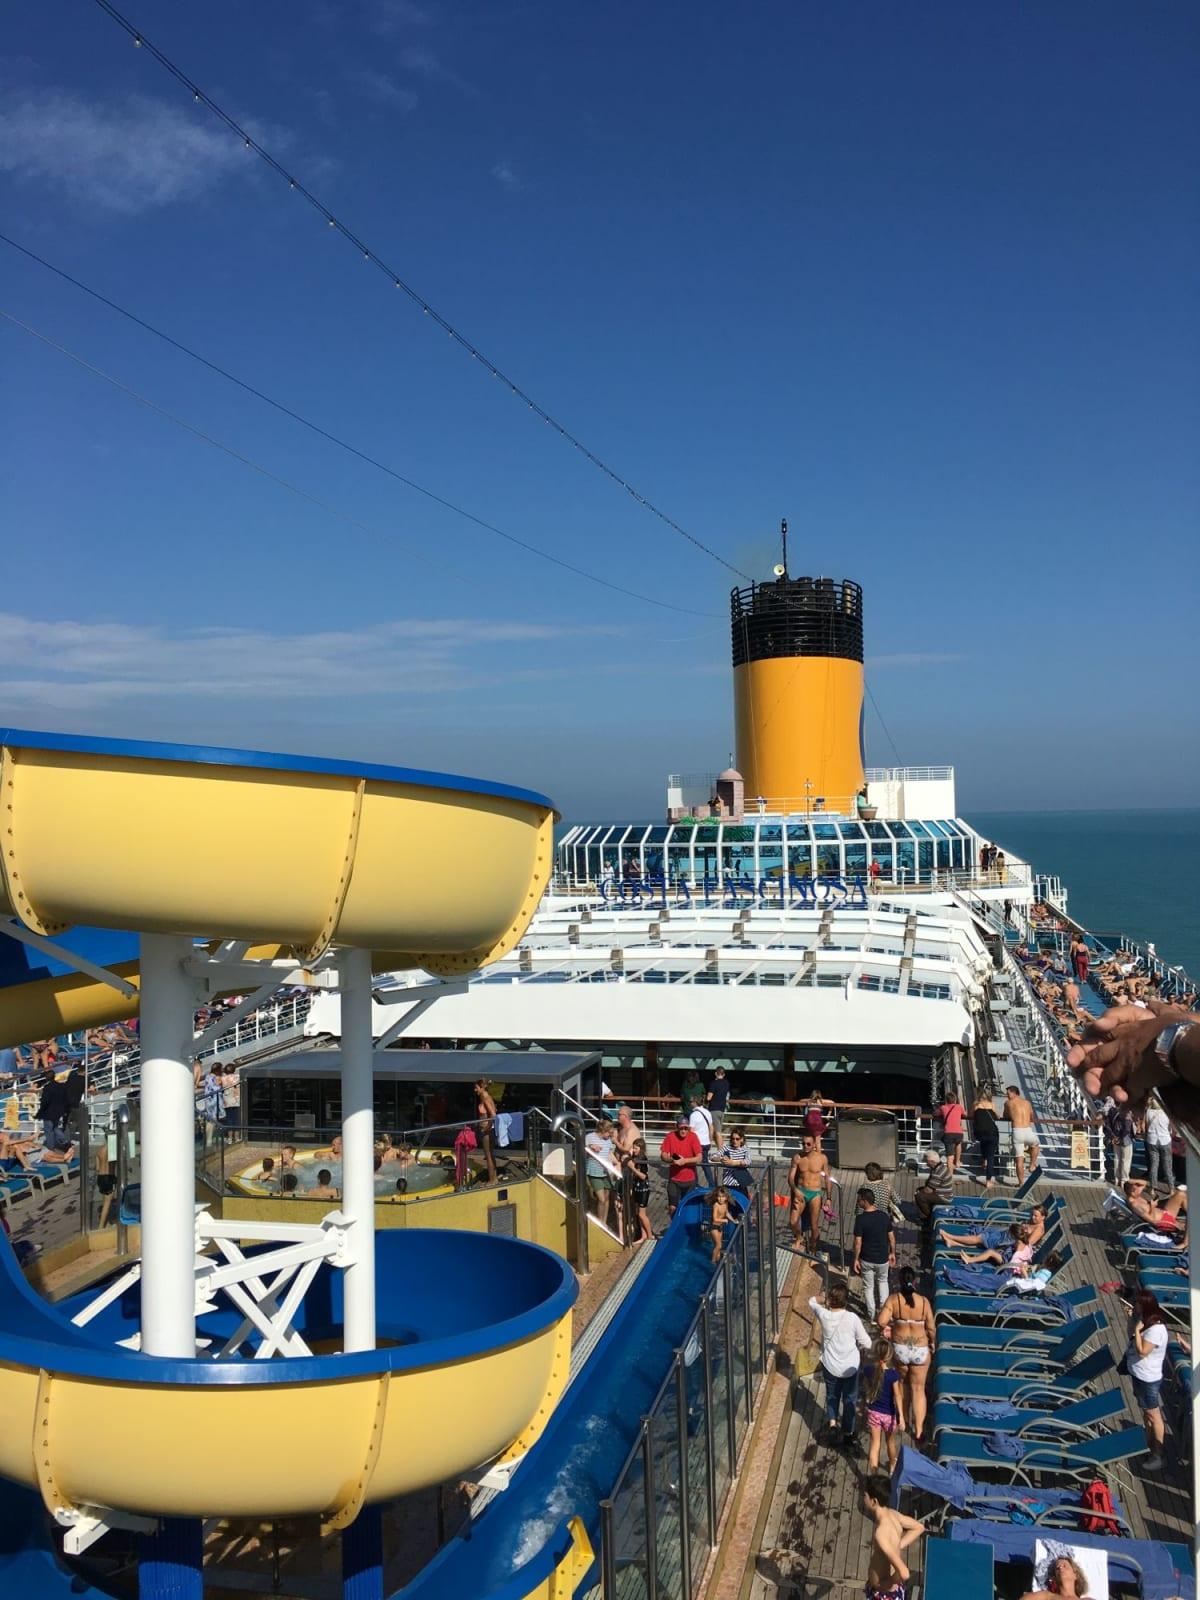 10月末でしたが晴れた日は賑やかでした | 客船コスタ・ファシノーザの外観、船内施設